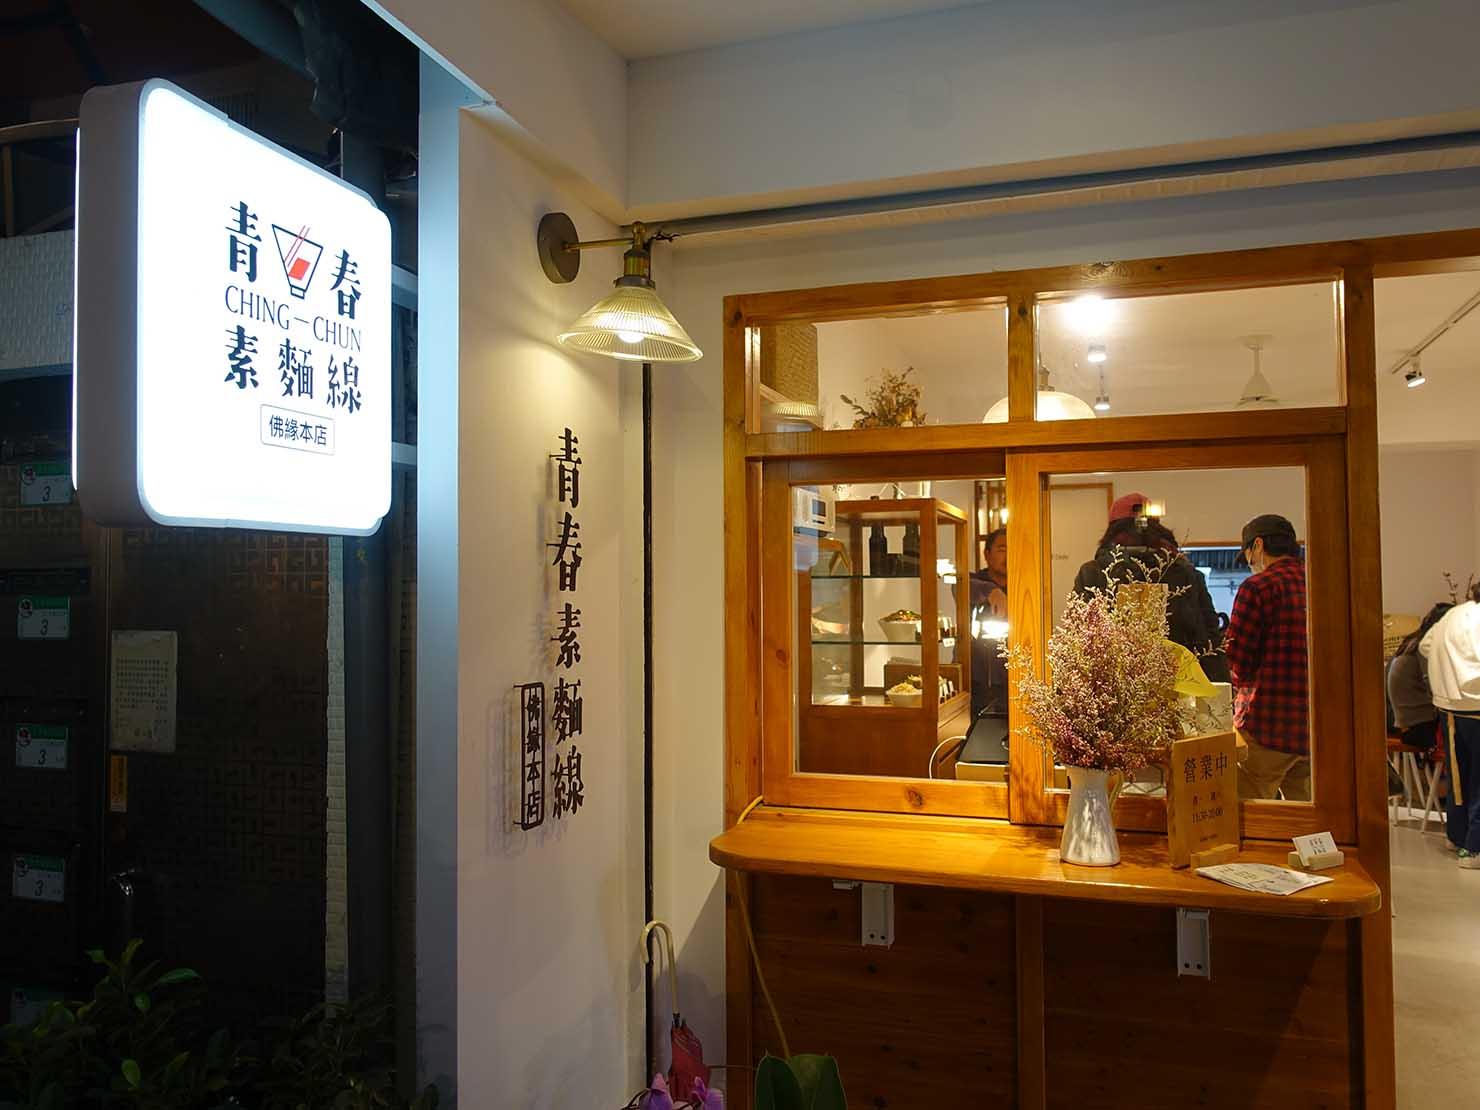 台北・忠孝敦化駅(東區)のおすすめグルメ店「青春素麵線」の外観